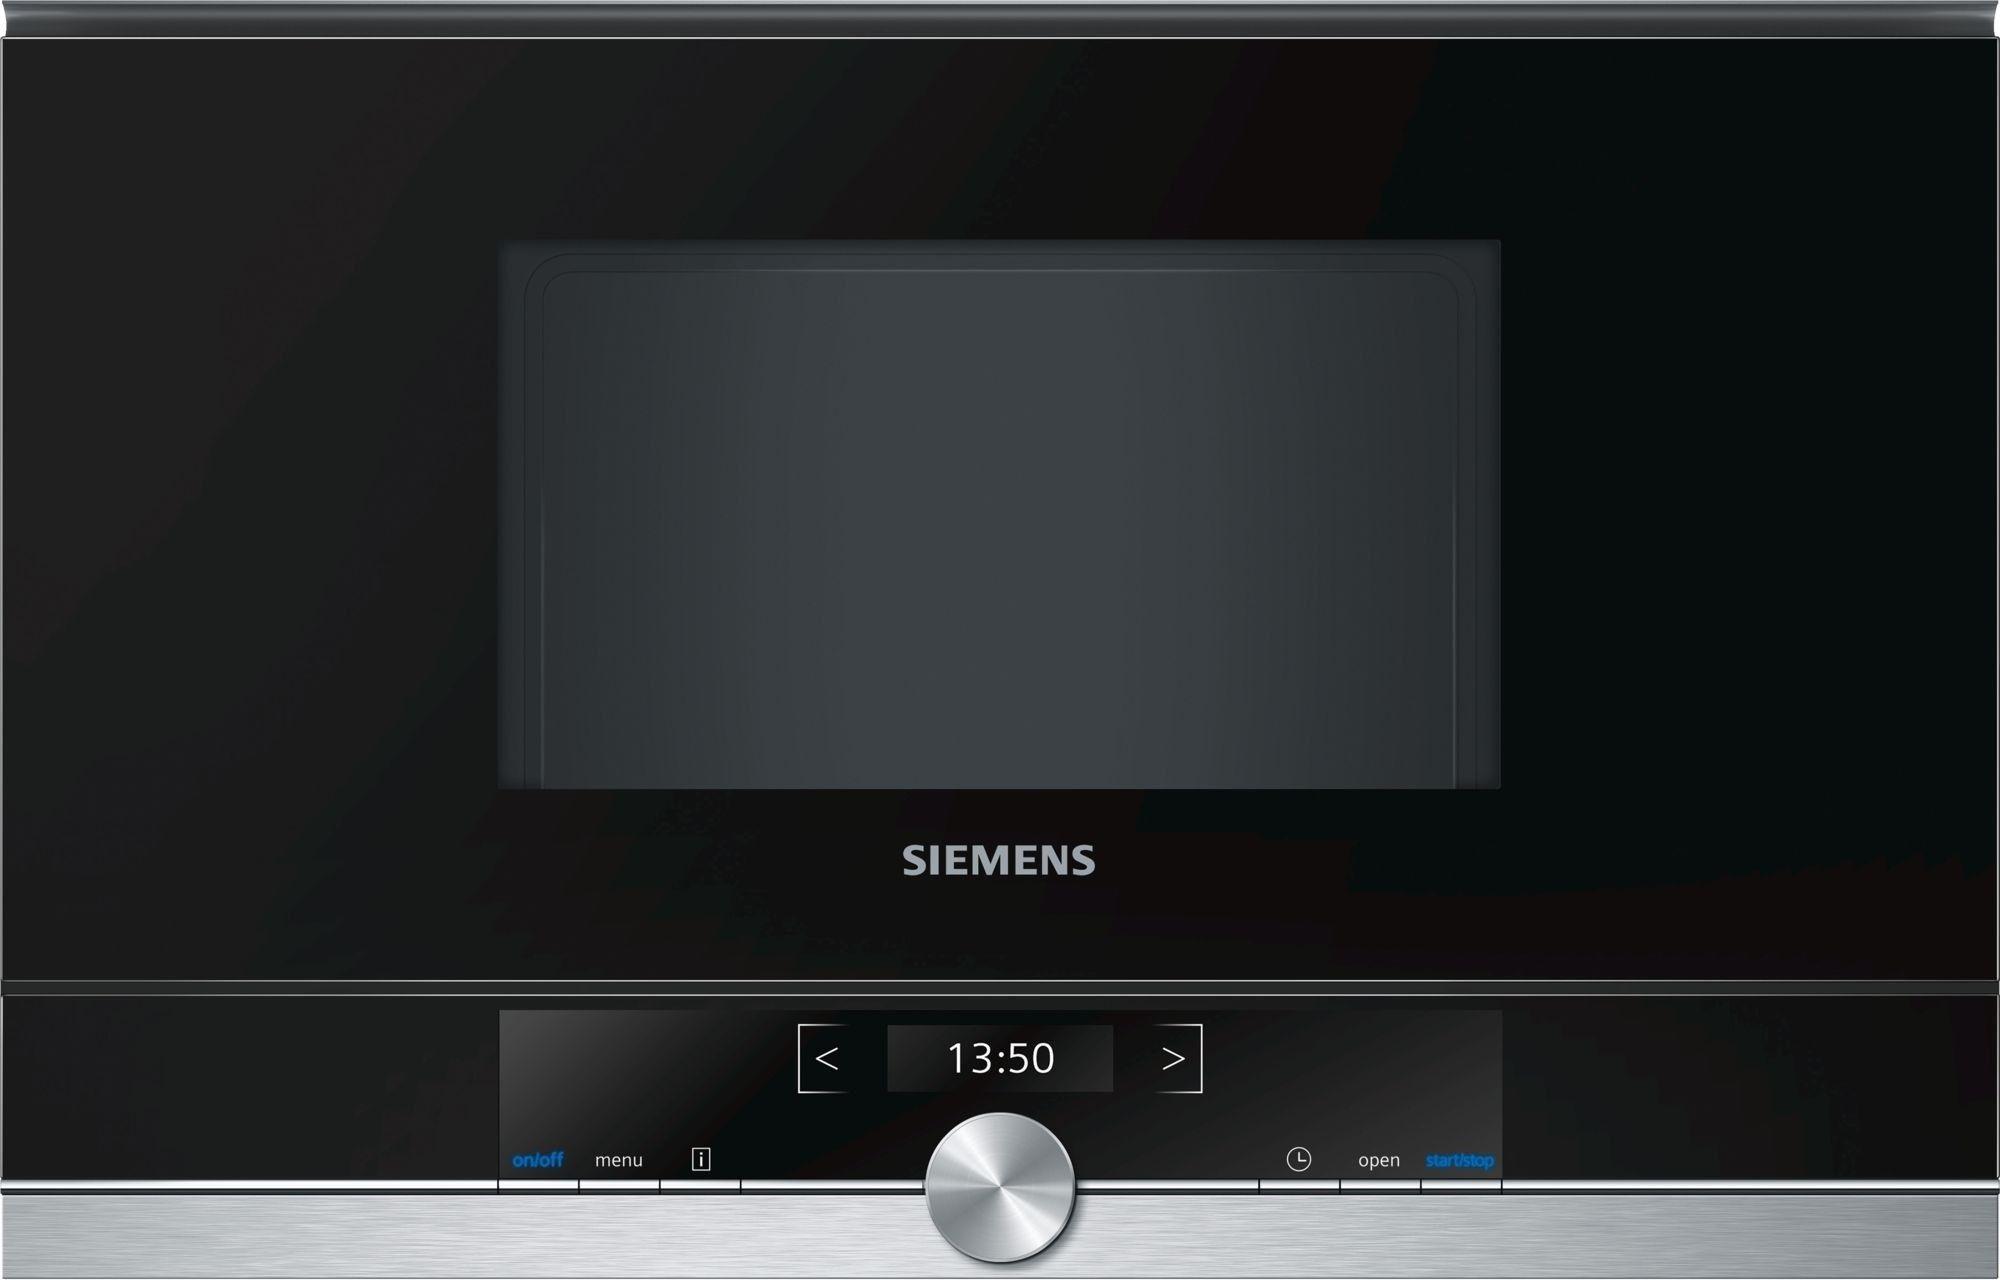 Mikrofala Siemens BF634RGS1, I tel. (22) 266 82 20 I Raty 0 % I kto pyta płaci mniej I Płatności online !